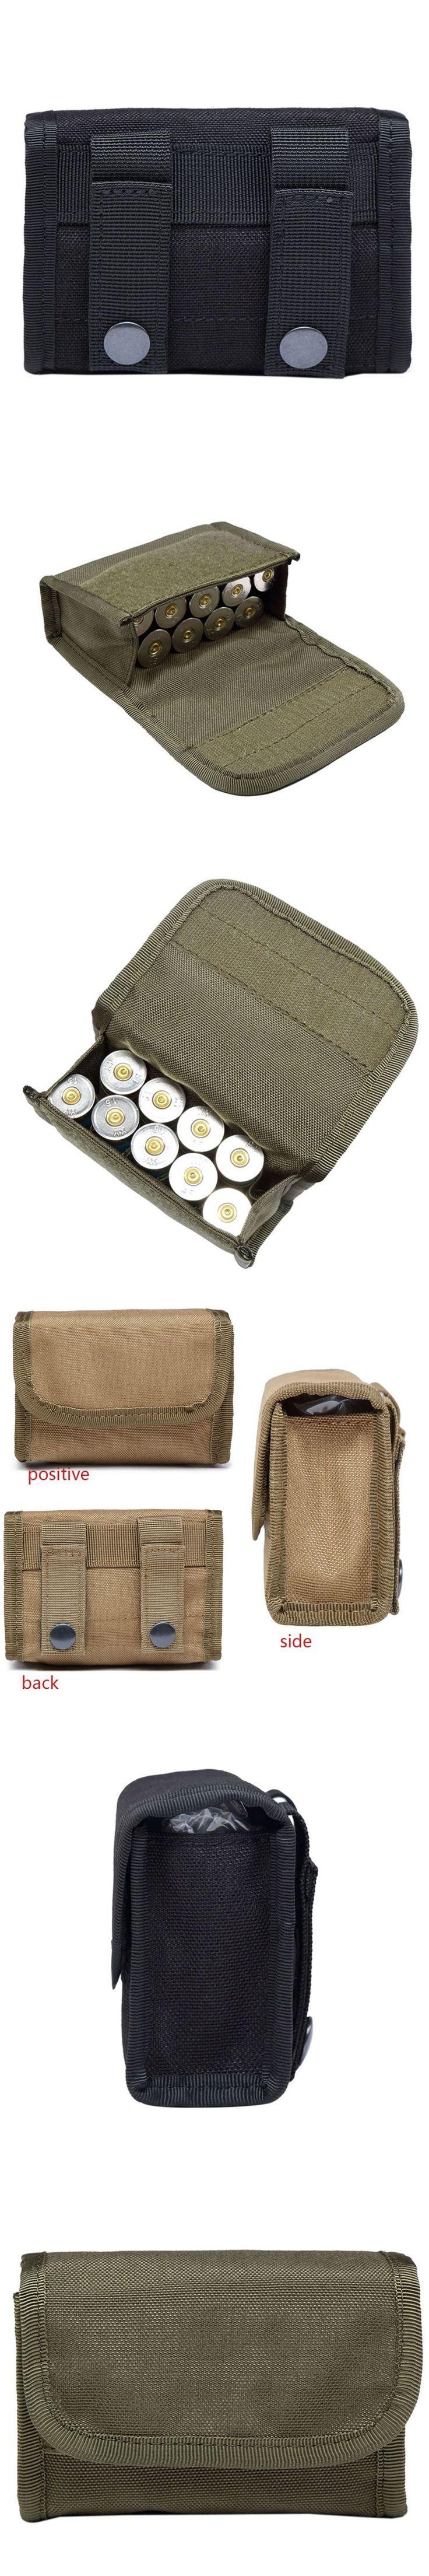 Tactical 10 Round Shotgun Shotshell Reload Holder Molle Pouch for 12 Gauge/20G Magazine Pouch Ammo Round Cartridge Holder